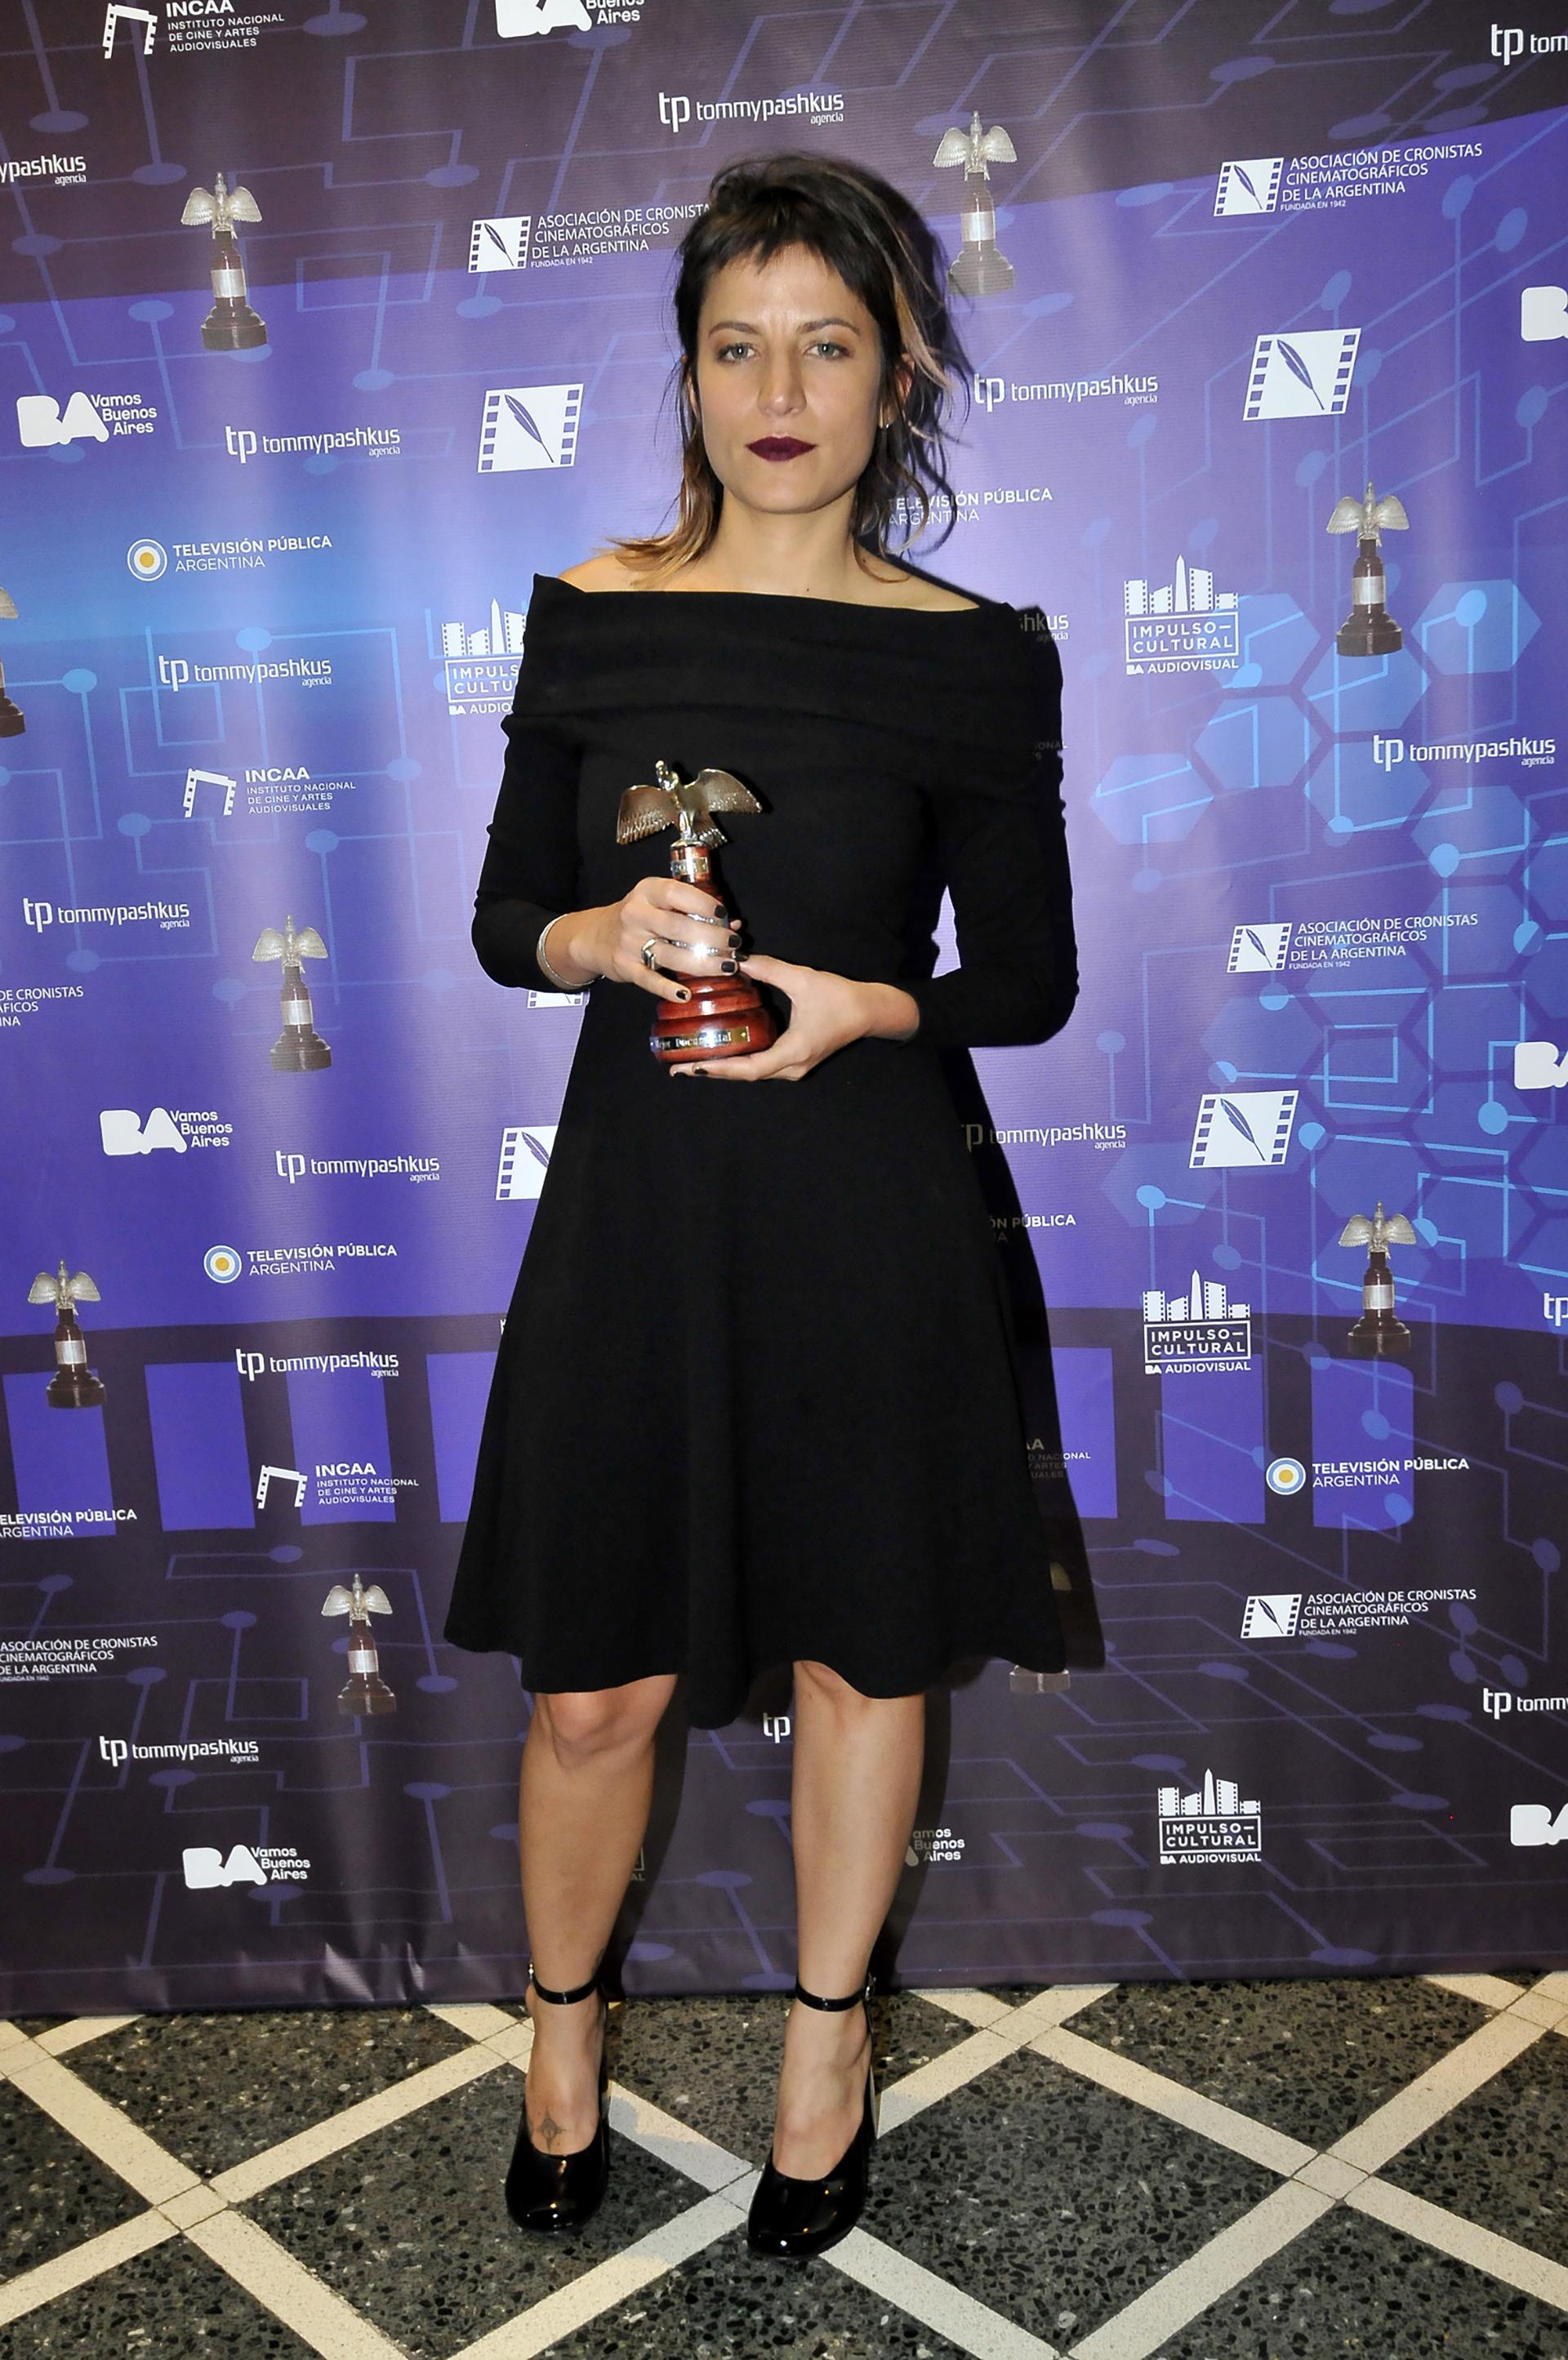 """Agustina Comedi, quien recibió su premio por el documental """"El silencio es un cuerpo que cae"""", lució un vestido negro durante el evento"""